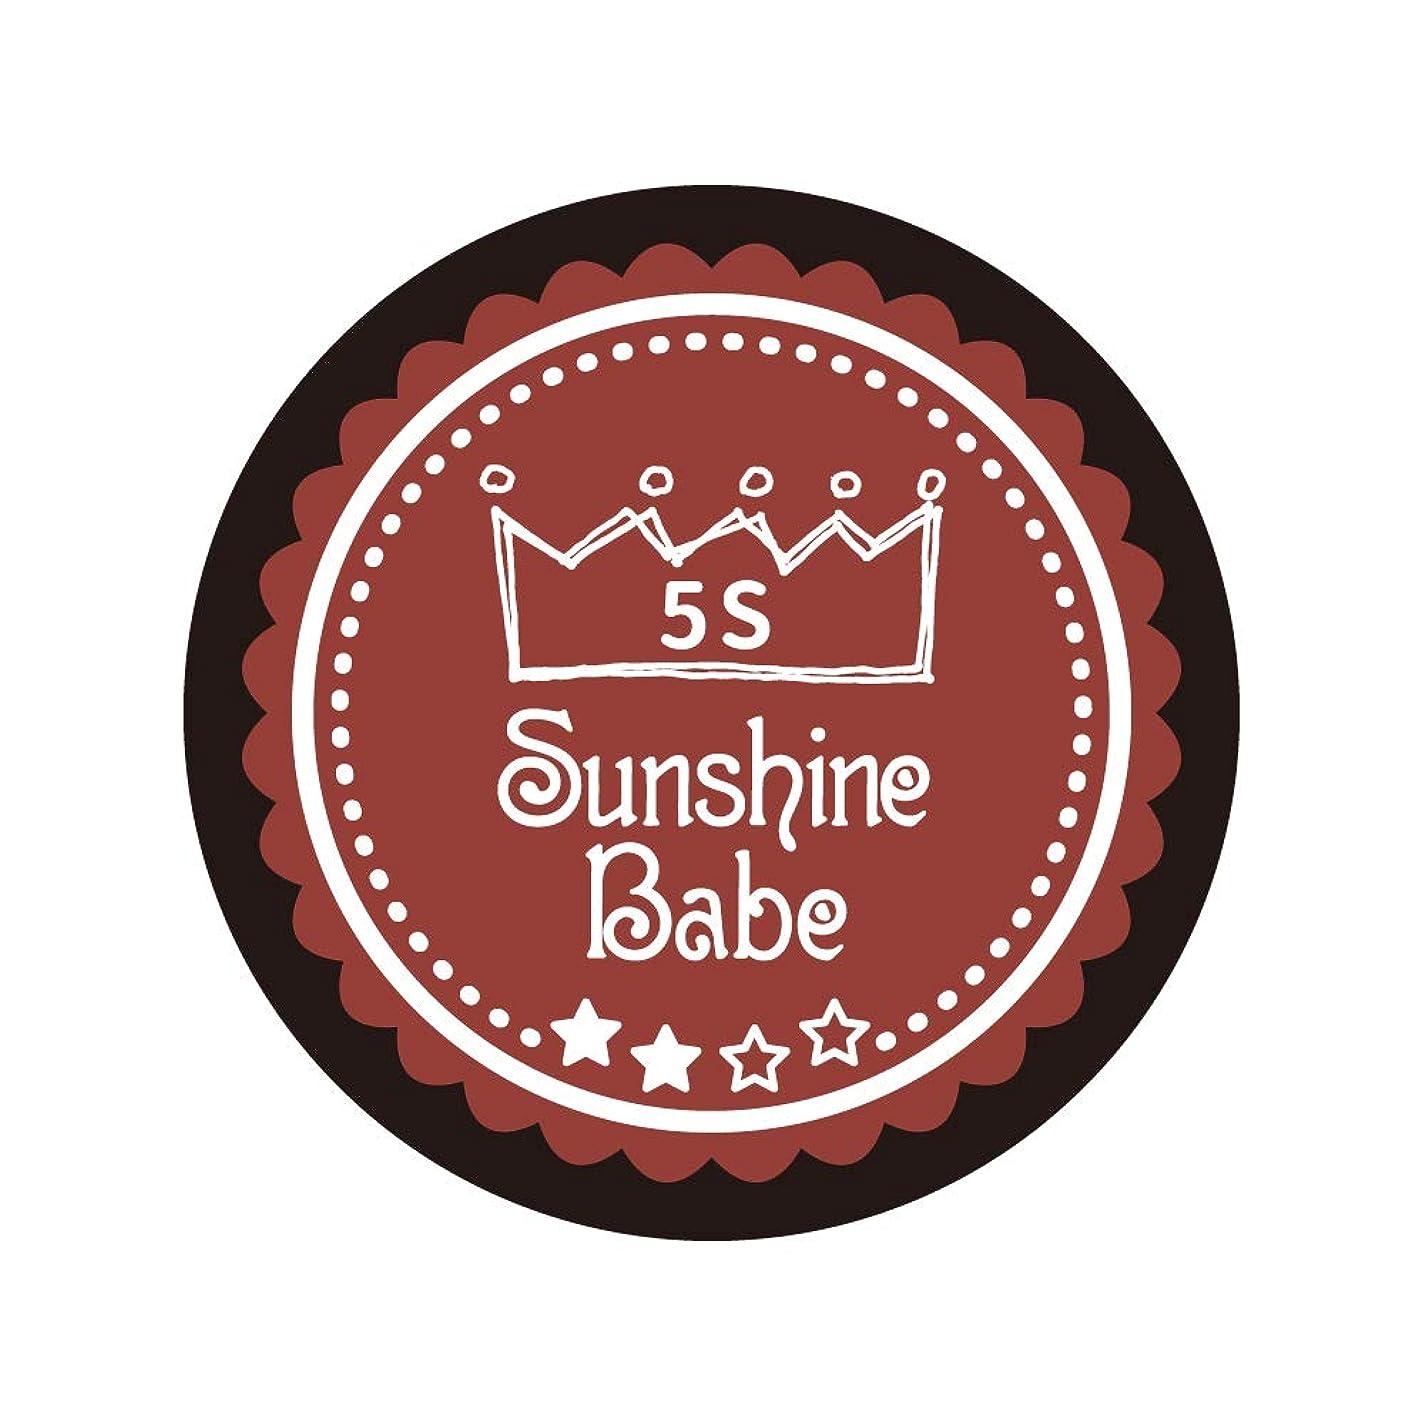 しわ残り利得Sunshine Babe カラージェル 5S チリオイル 2.7g UV/LED対応